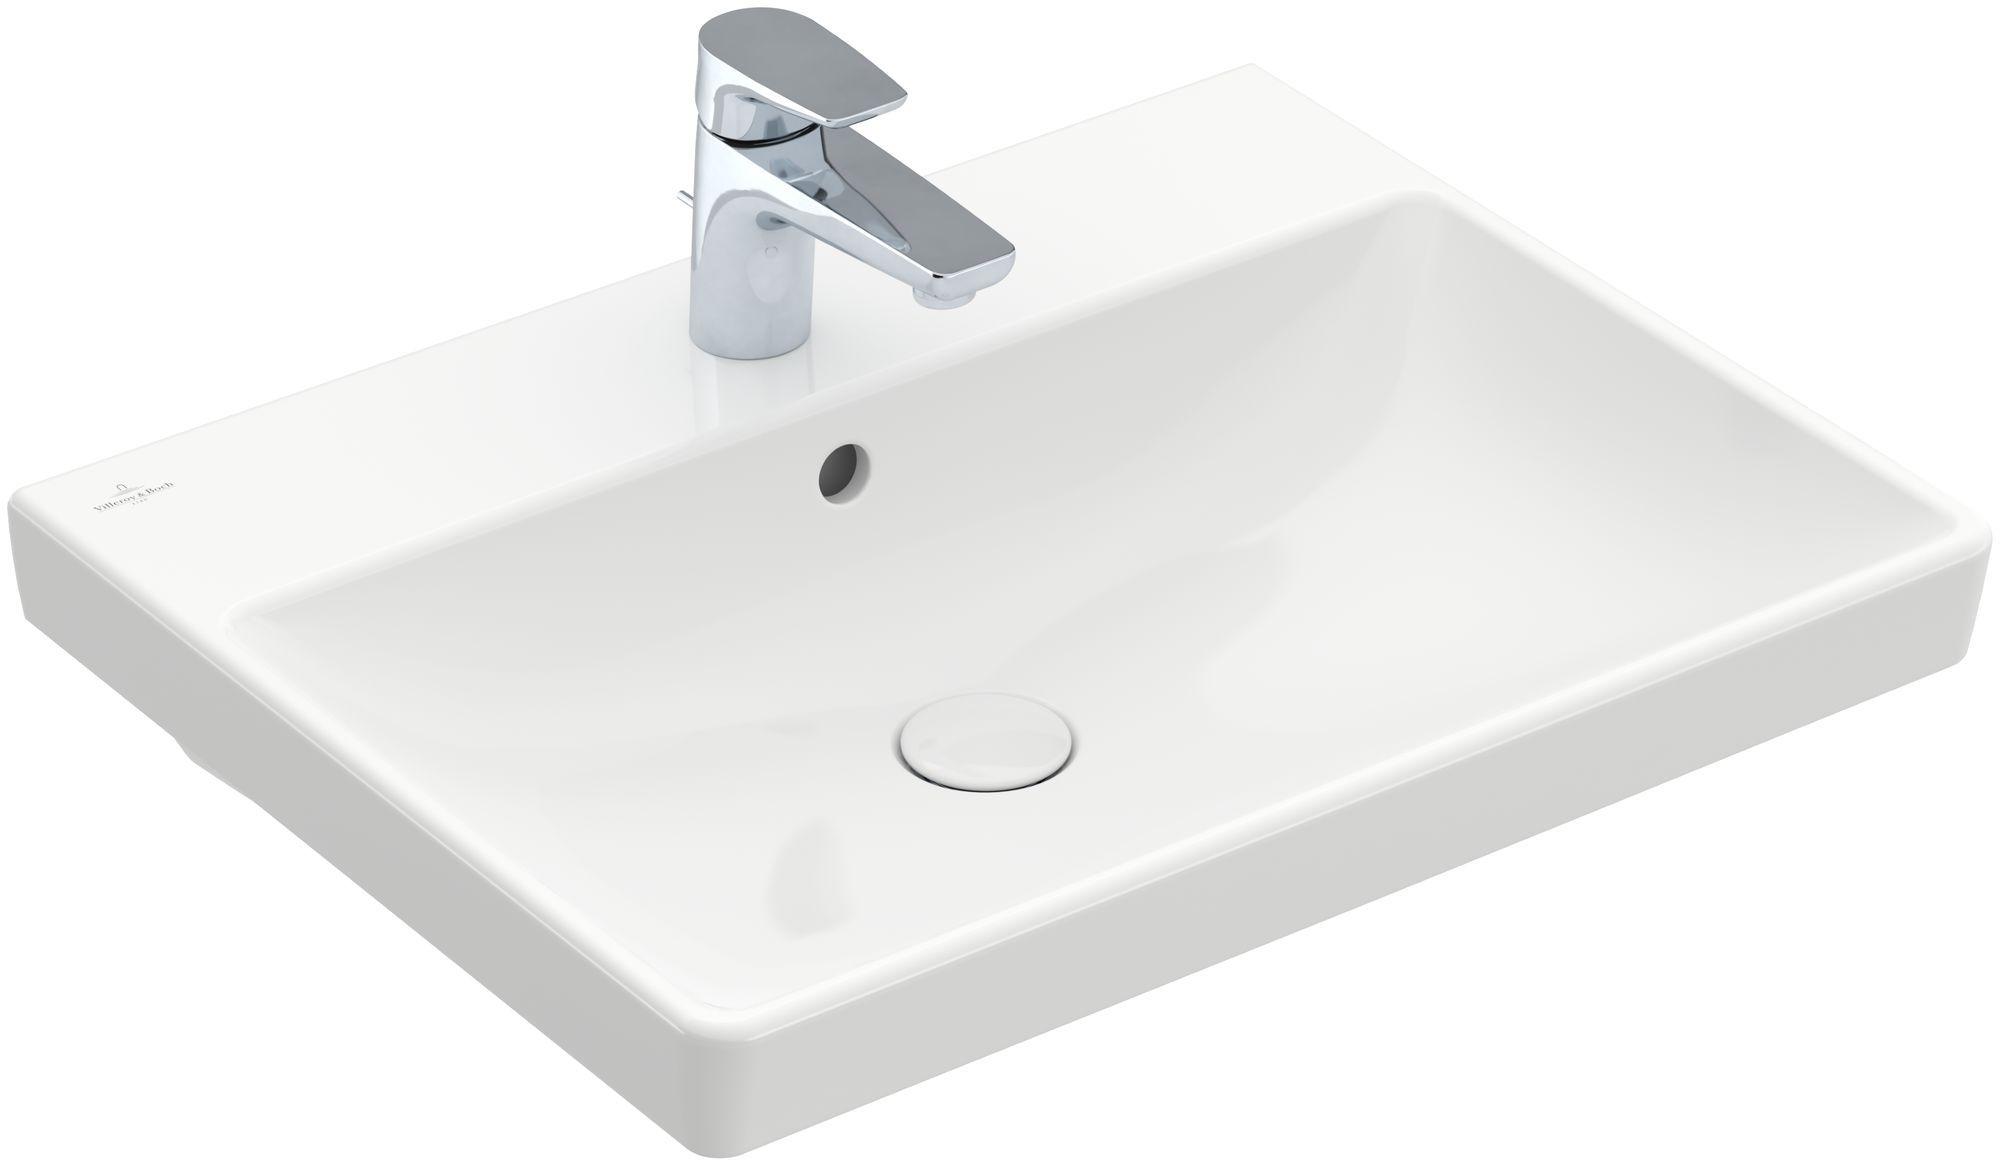 Villeroy & Boch Avento Waschtisch B:60xT:47cm 1 Hahnloch mit Überlauf weiß mit CeramicPlus 415860R1